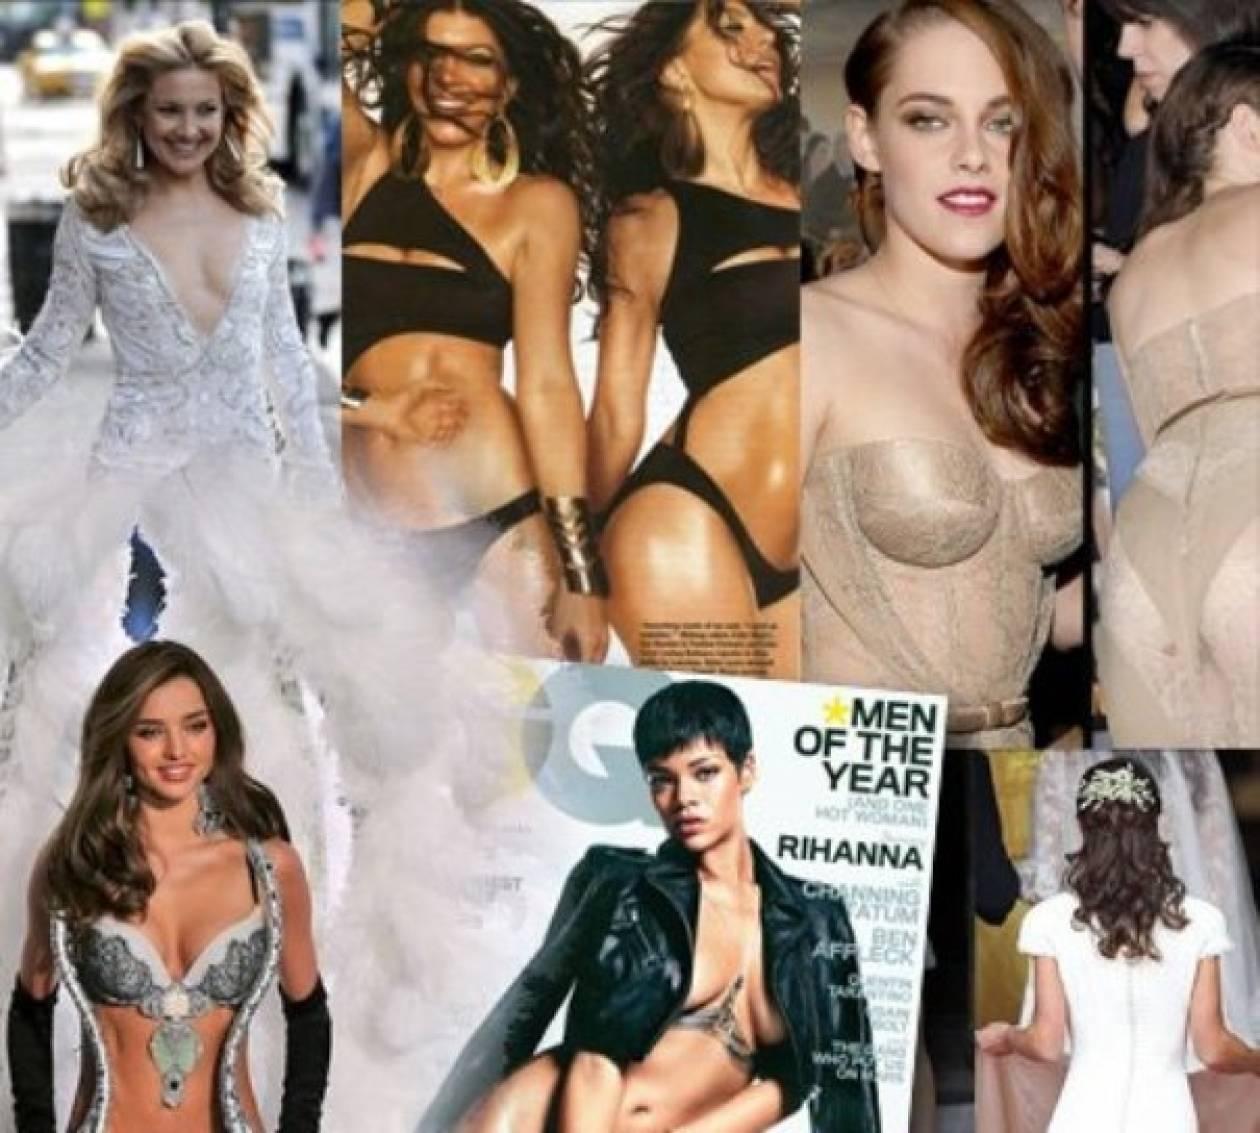 Κορμιά γαζέλας: τα πιο όμορφα σώματα της showbiz για το 2012